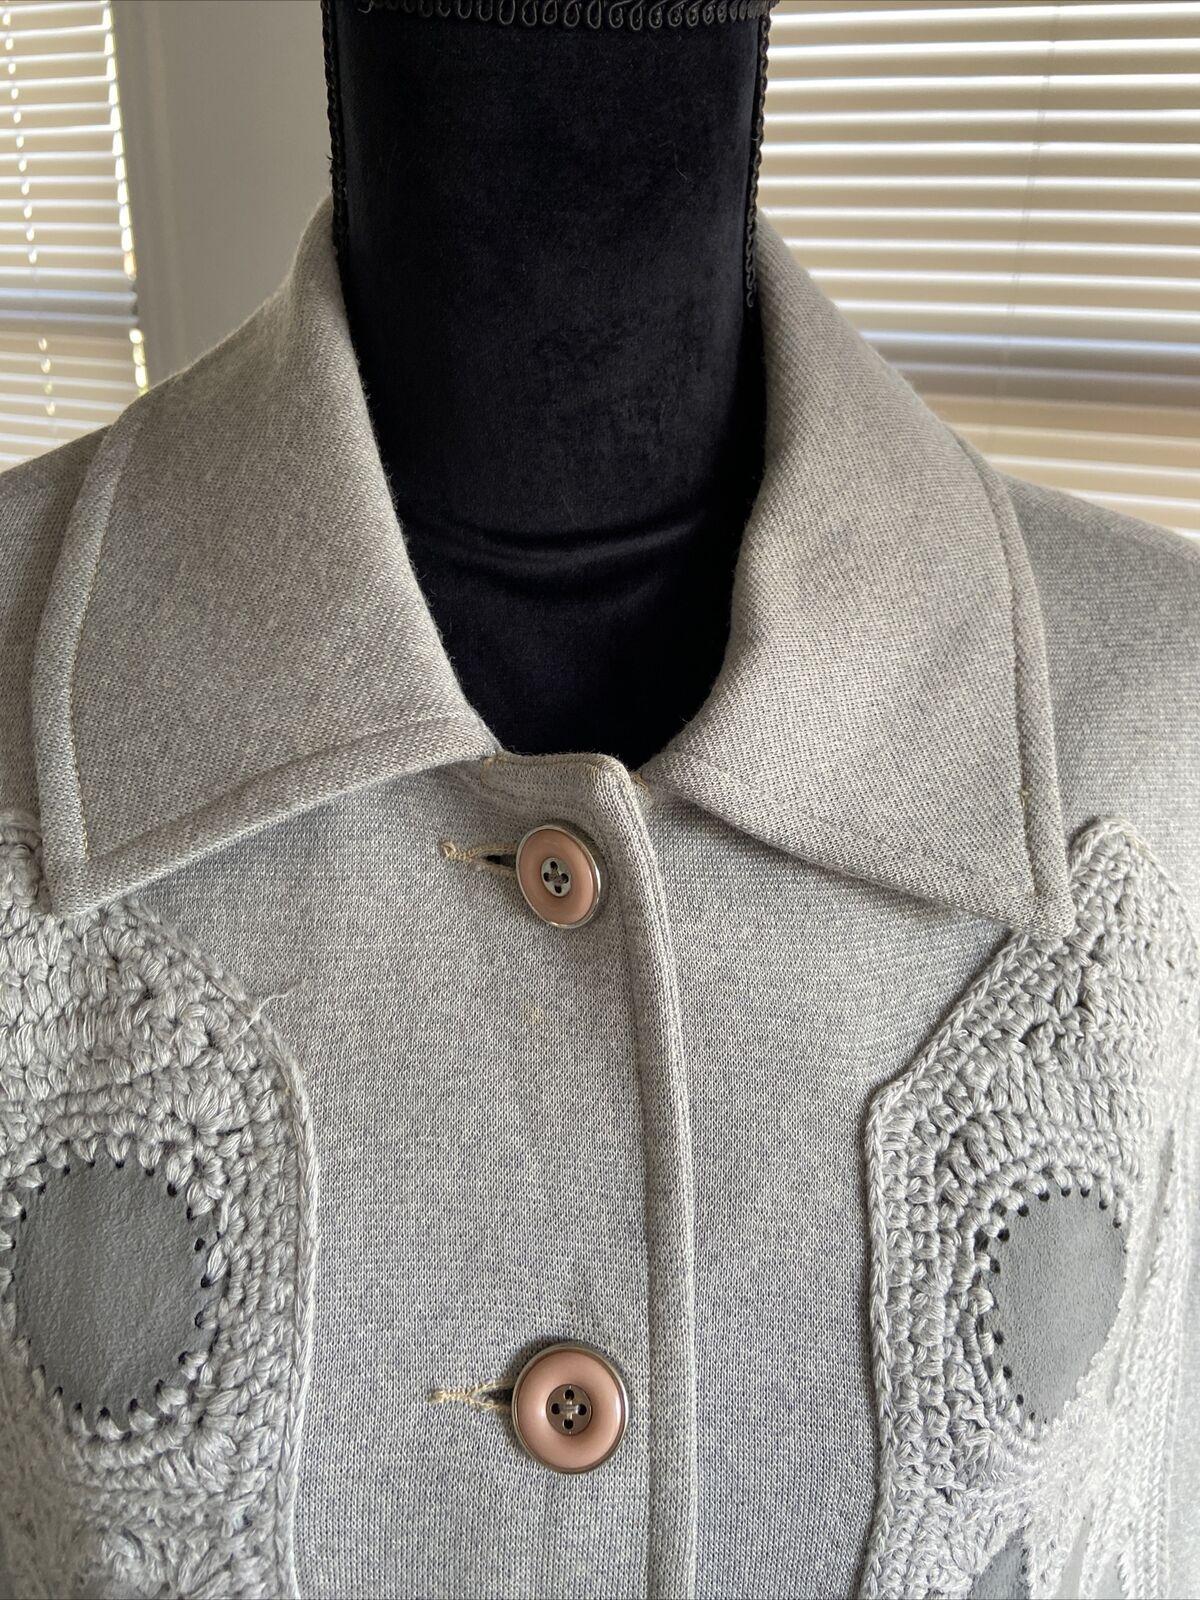 Coltalia Vintage Jacket  - image 2